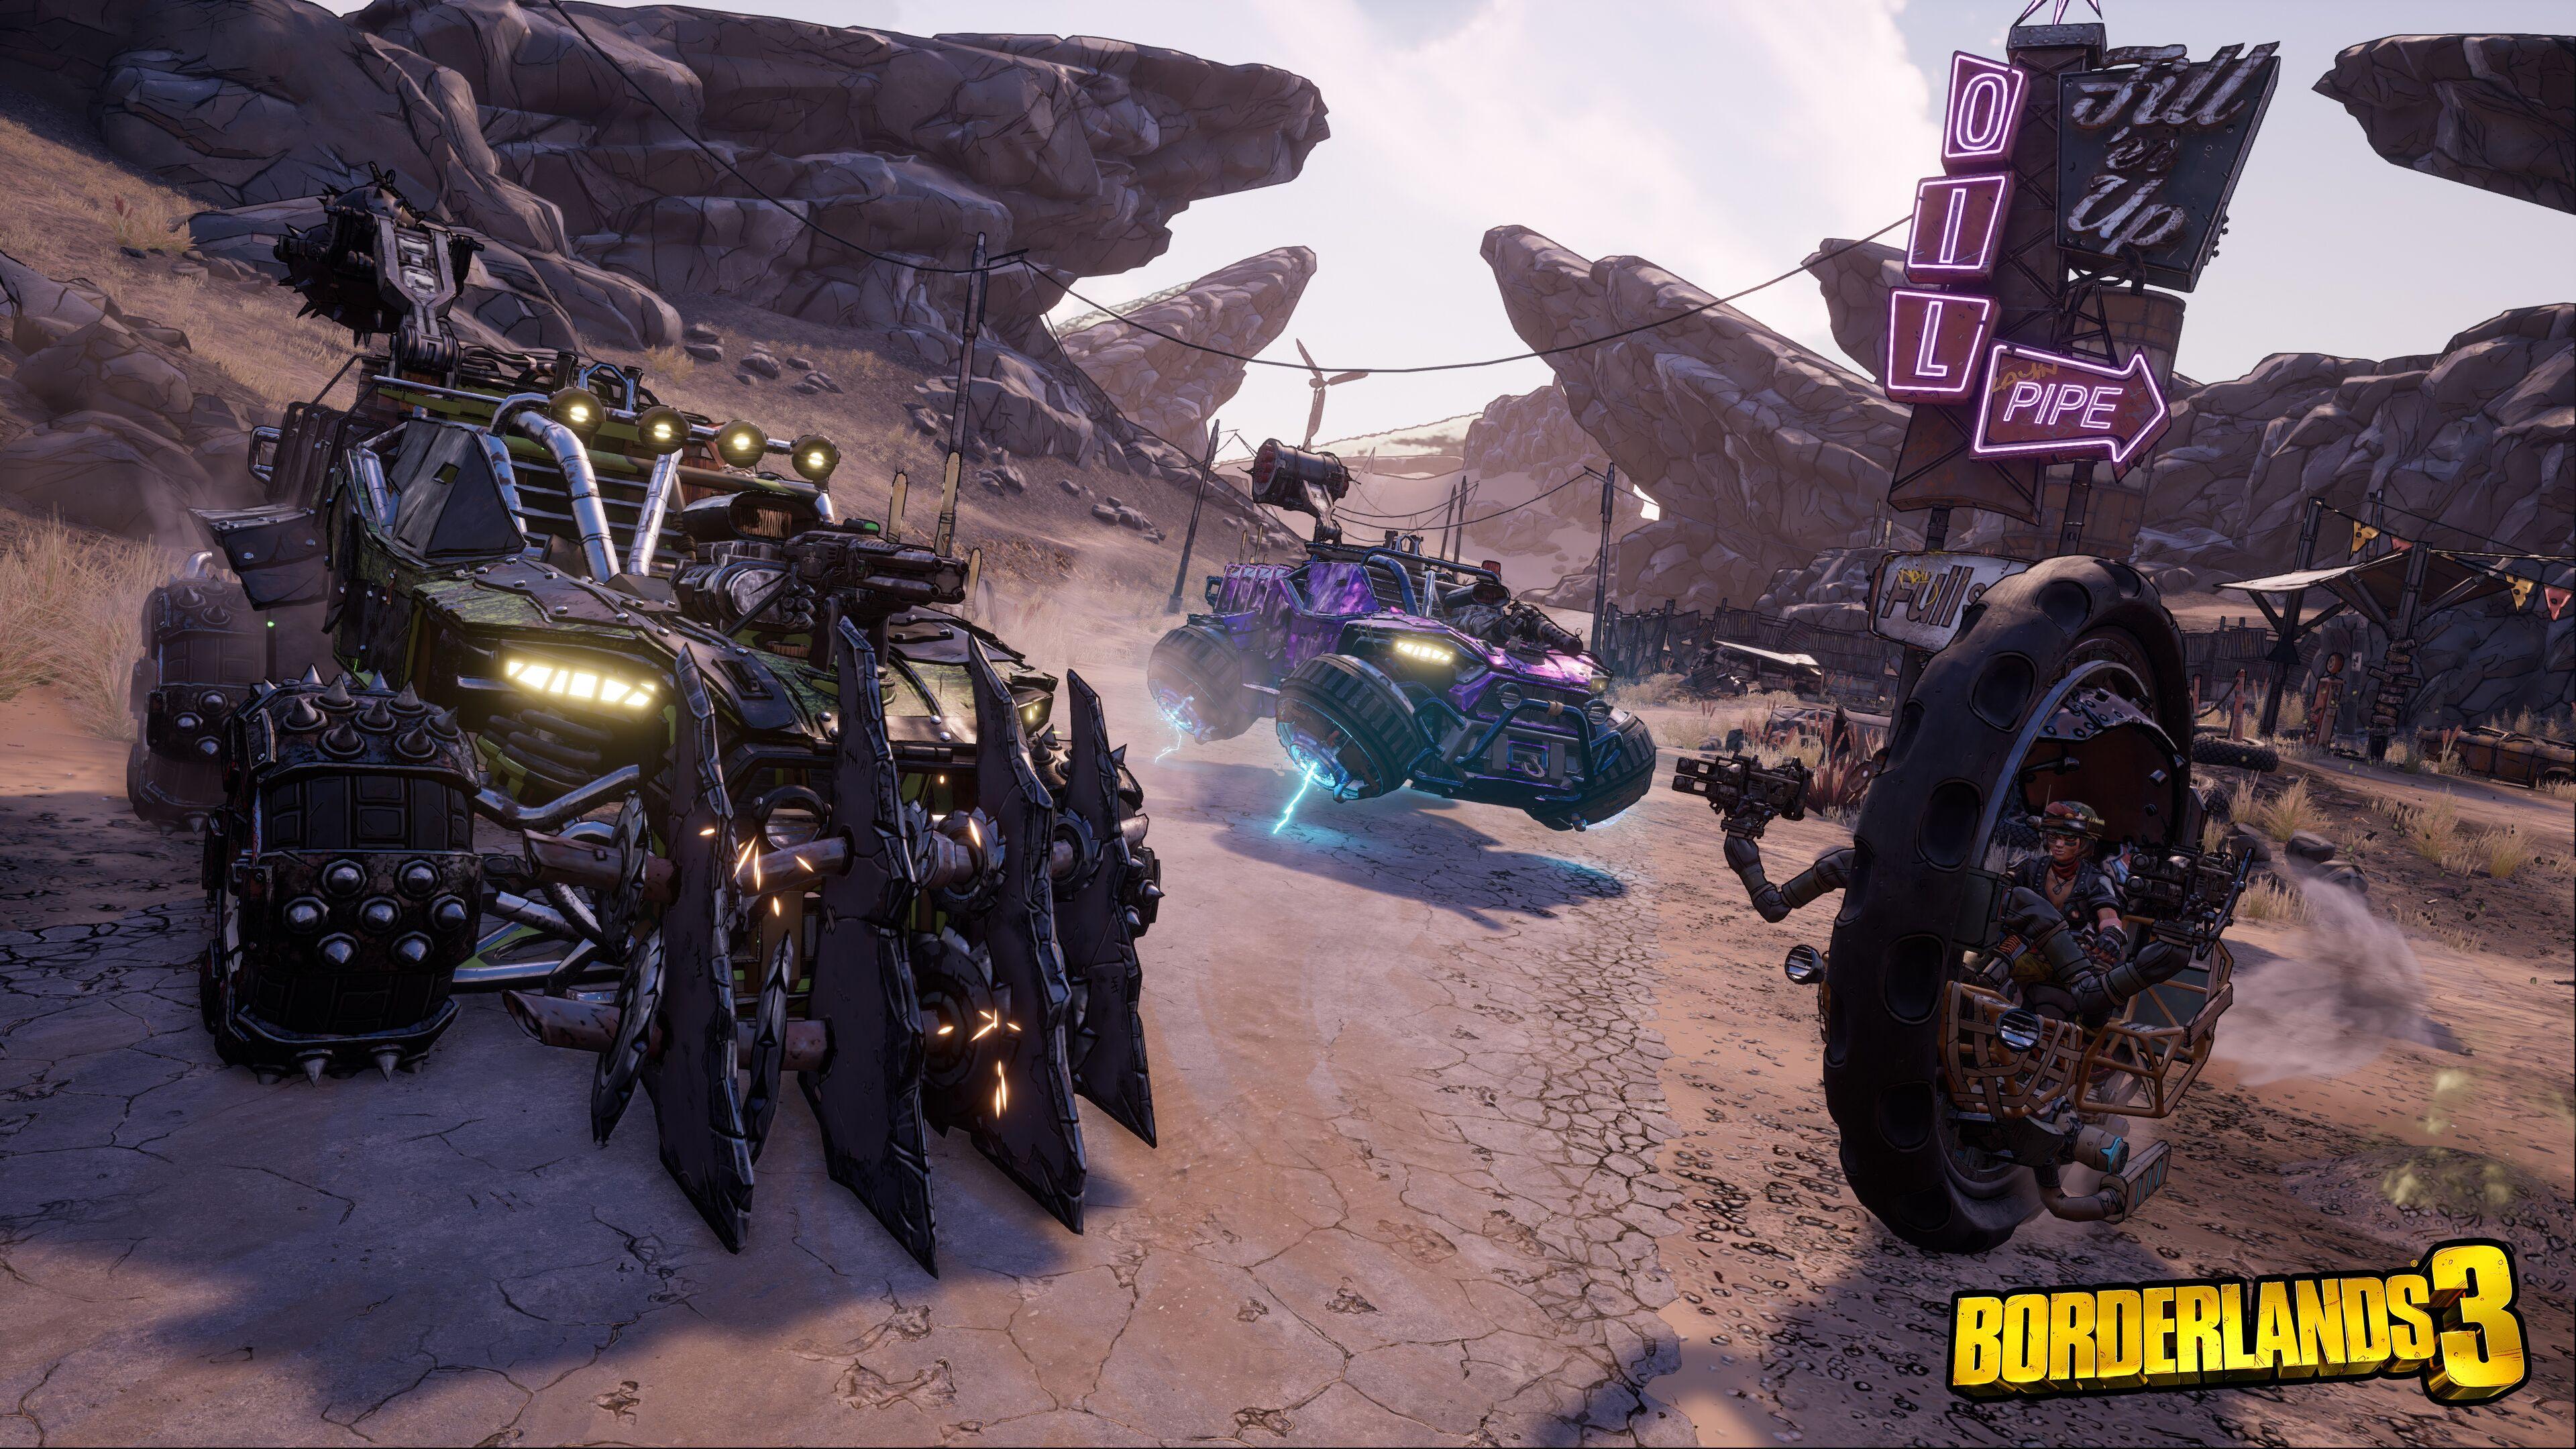 Borderlands 3 Presenta Los Primeros Detalles Del Tamaño De